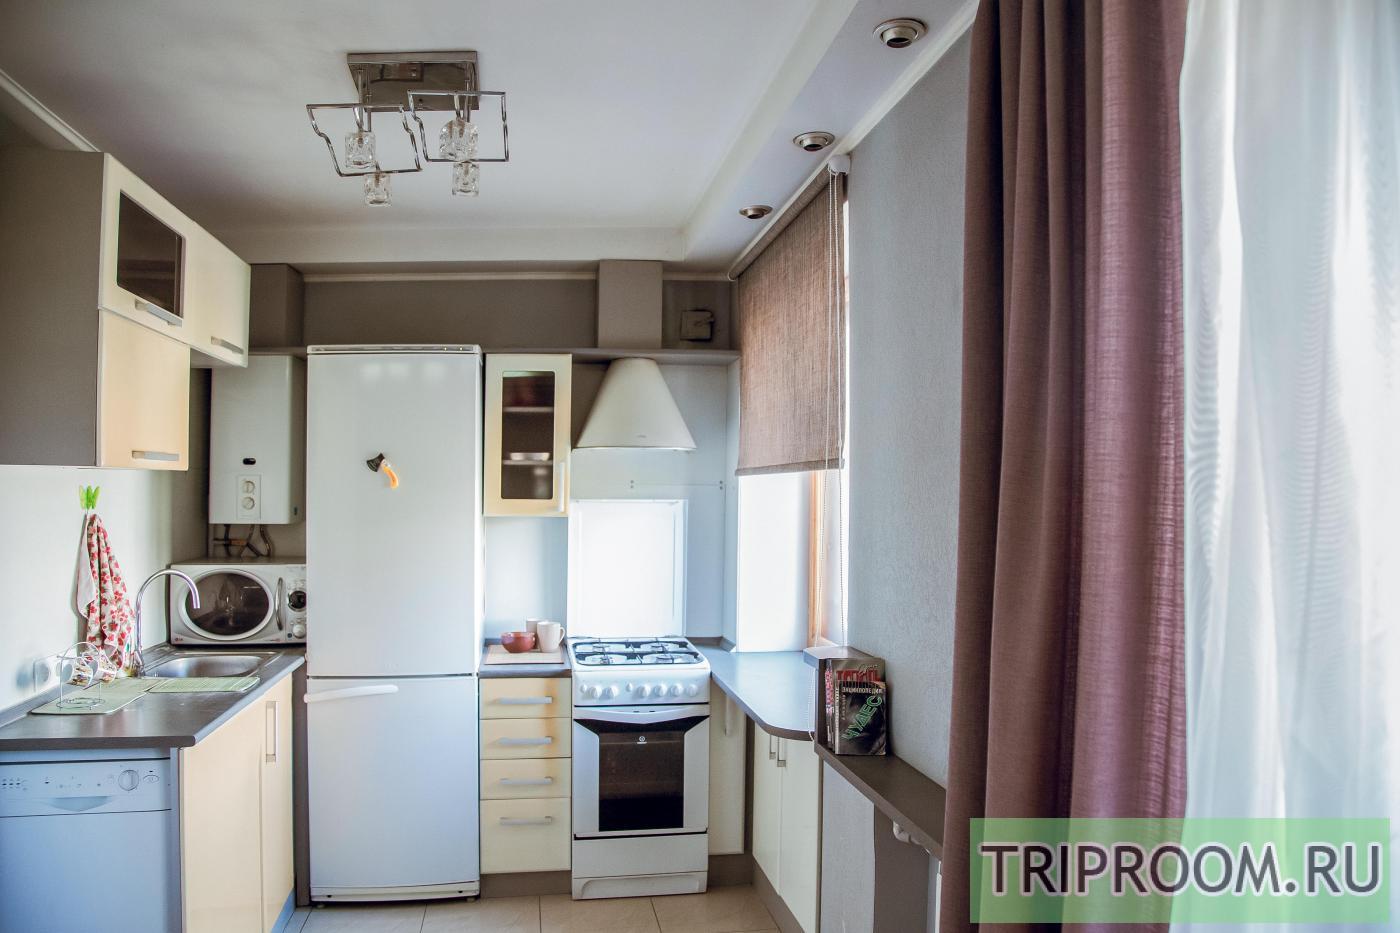 2-комнатная квартира посуточно (вариант № 10786), ул. Станкевича улица, фото № 10